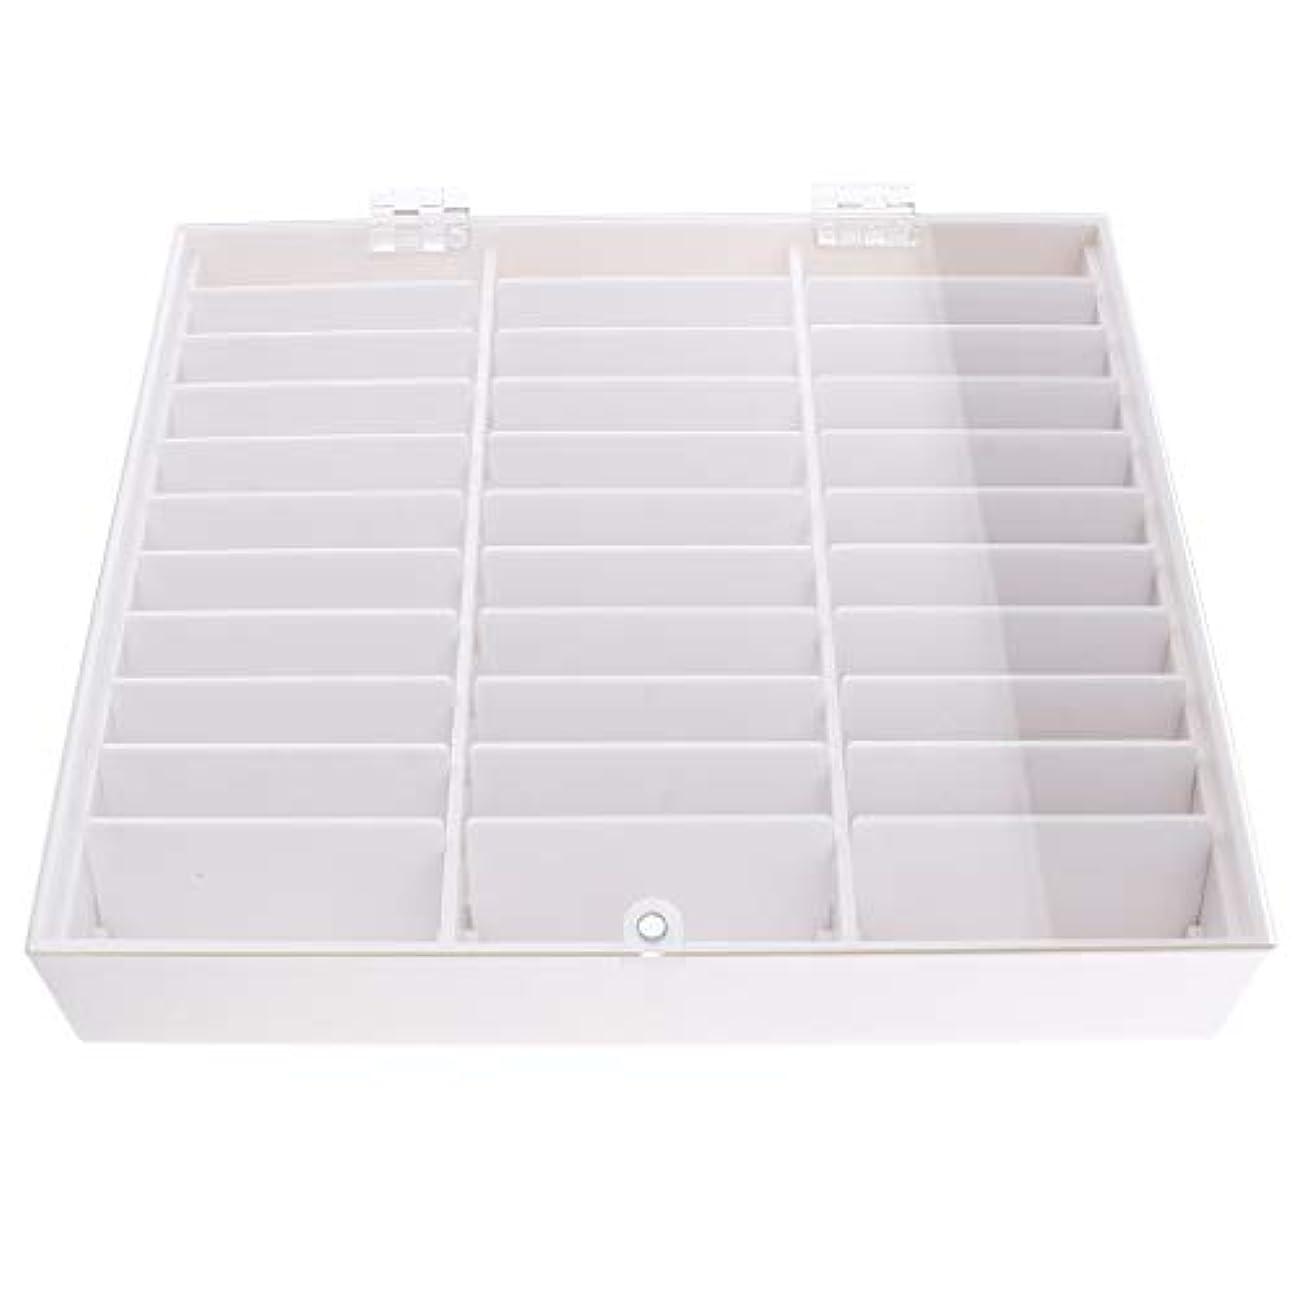 グローアスペクト学ぶネイルアート パーツ ネイルチップ 収納ボックス ディスプレイ ケース アクリル 全2色 - 白